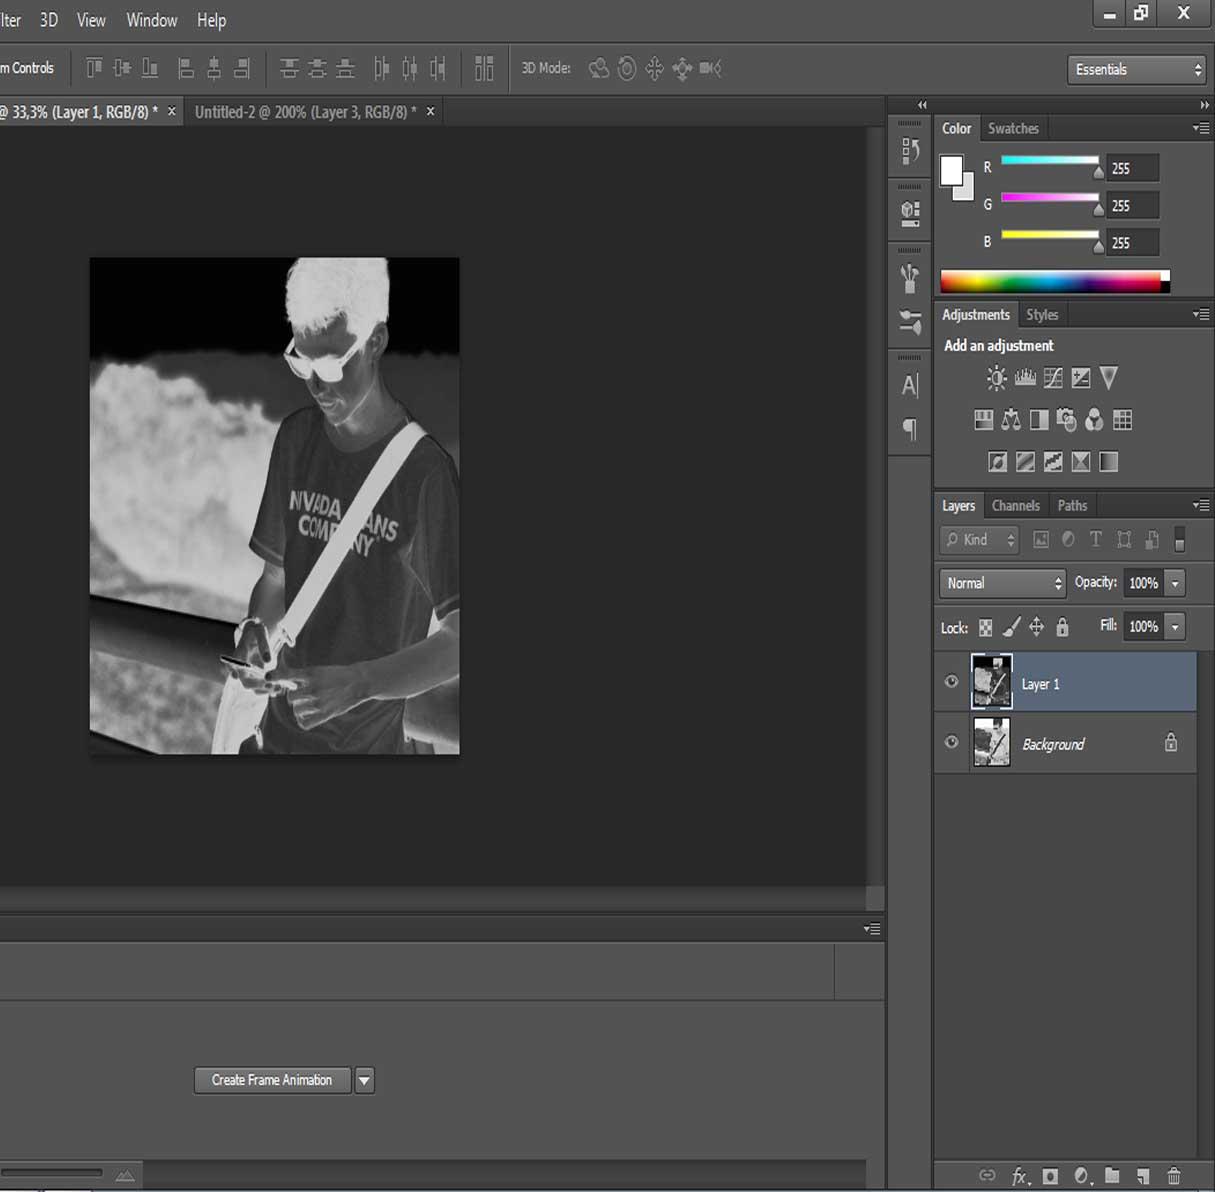 Cara membuat efek pensil pada foto menggunakan photoshop